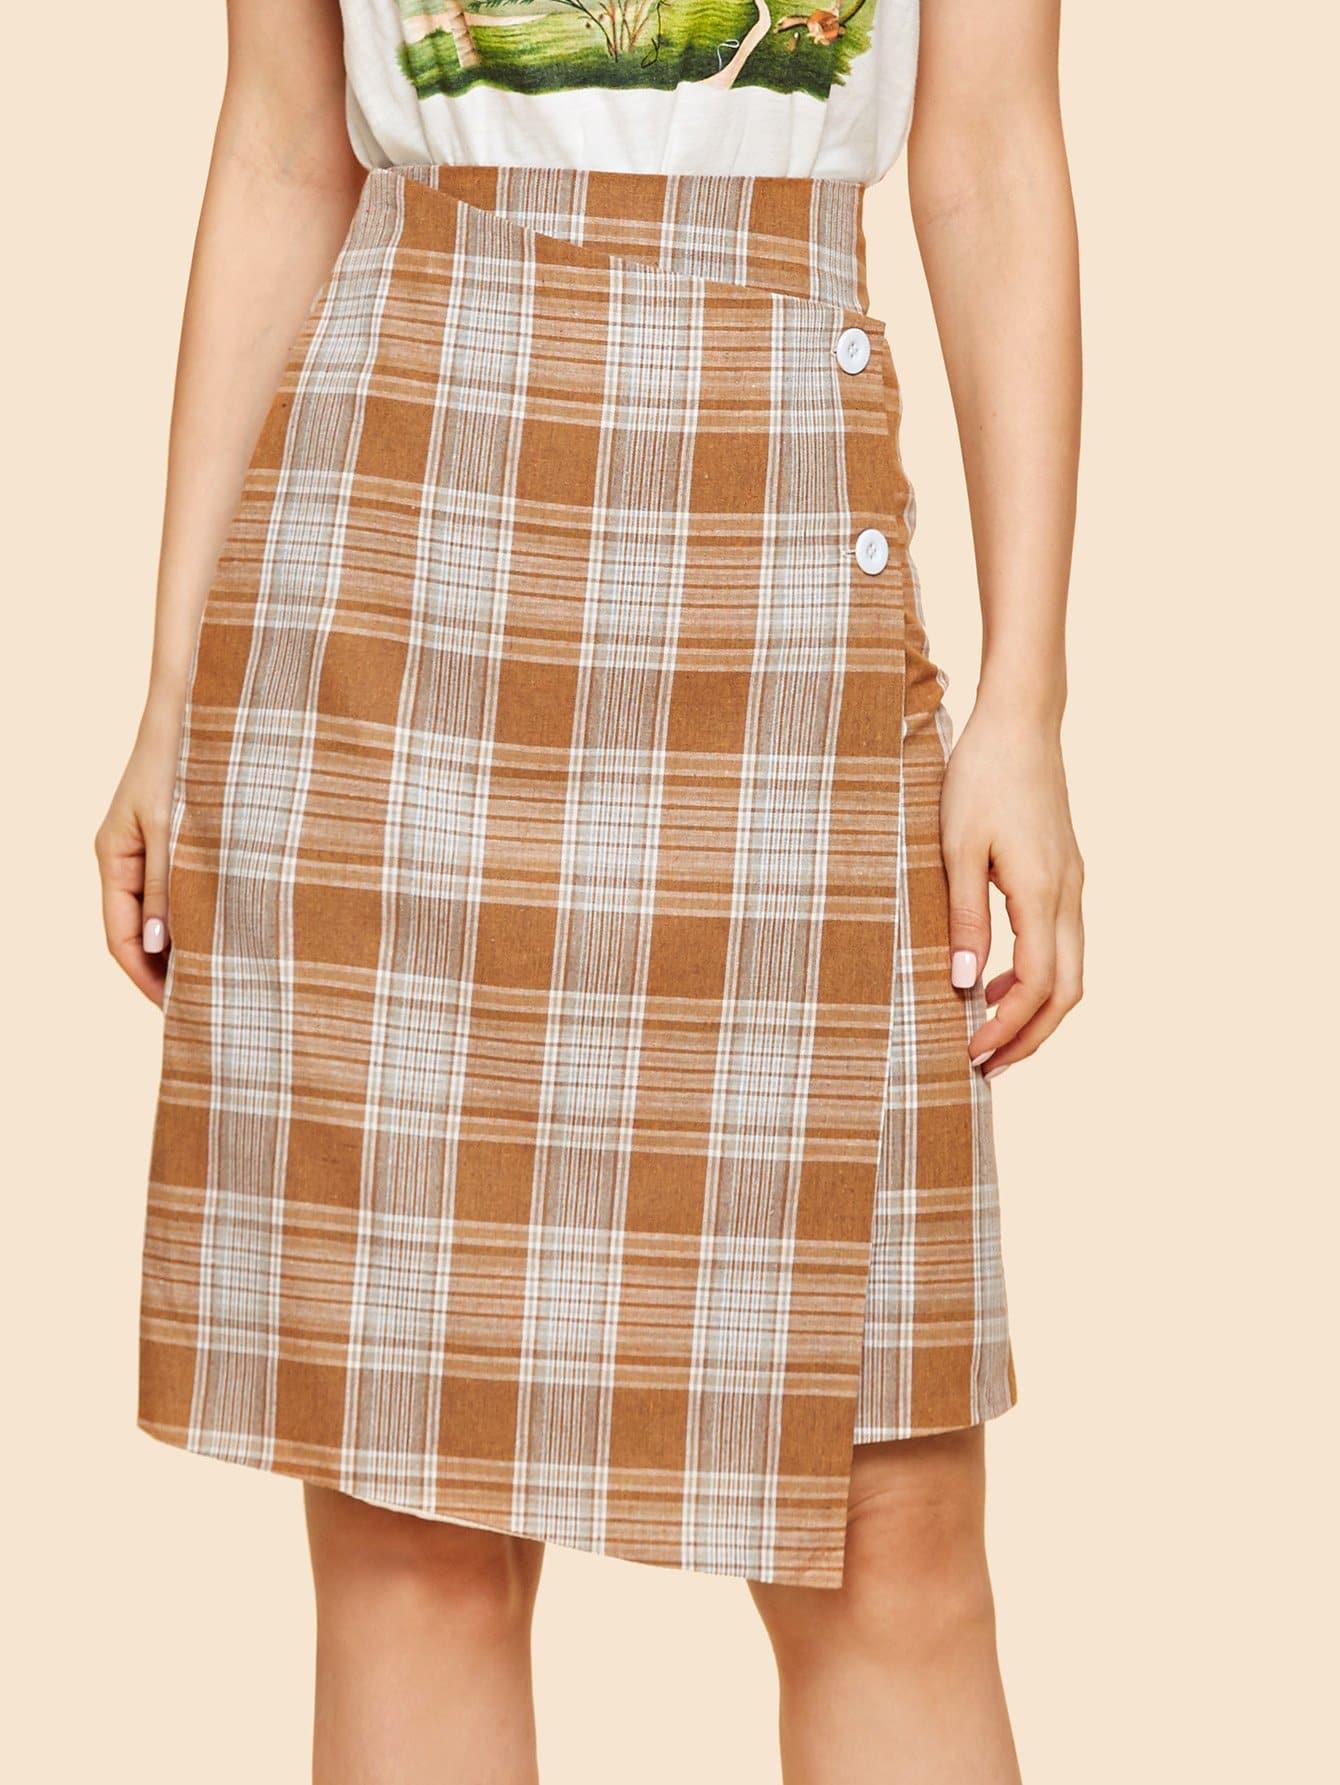 Купить Облегающая юбка в клетку с украшением пуговиц, Julie H., SheIn